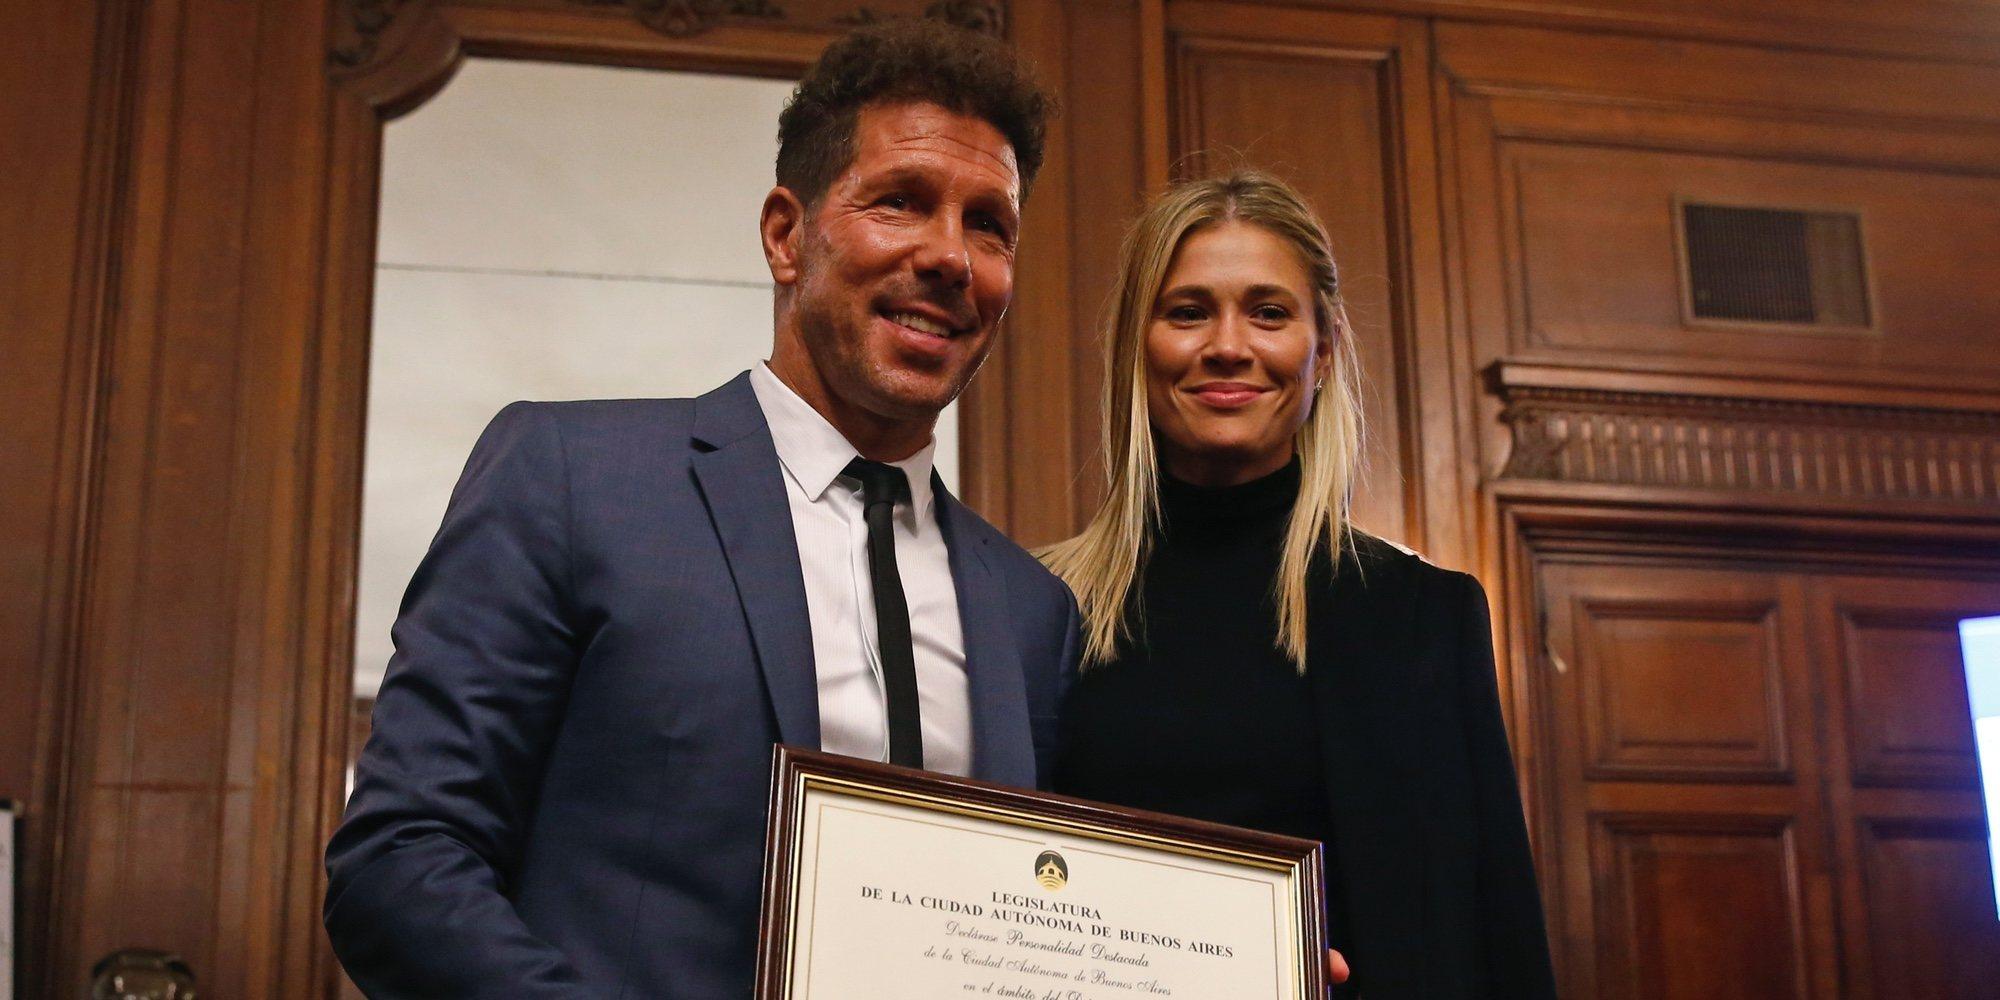 Diego Simeone es reconocido como Personalidad destacada de la Ciudad de Buenos Aires